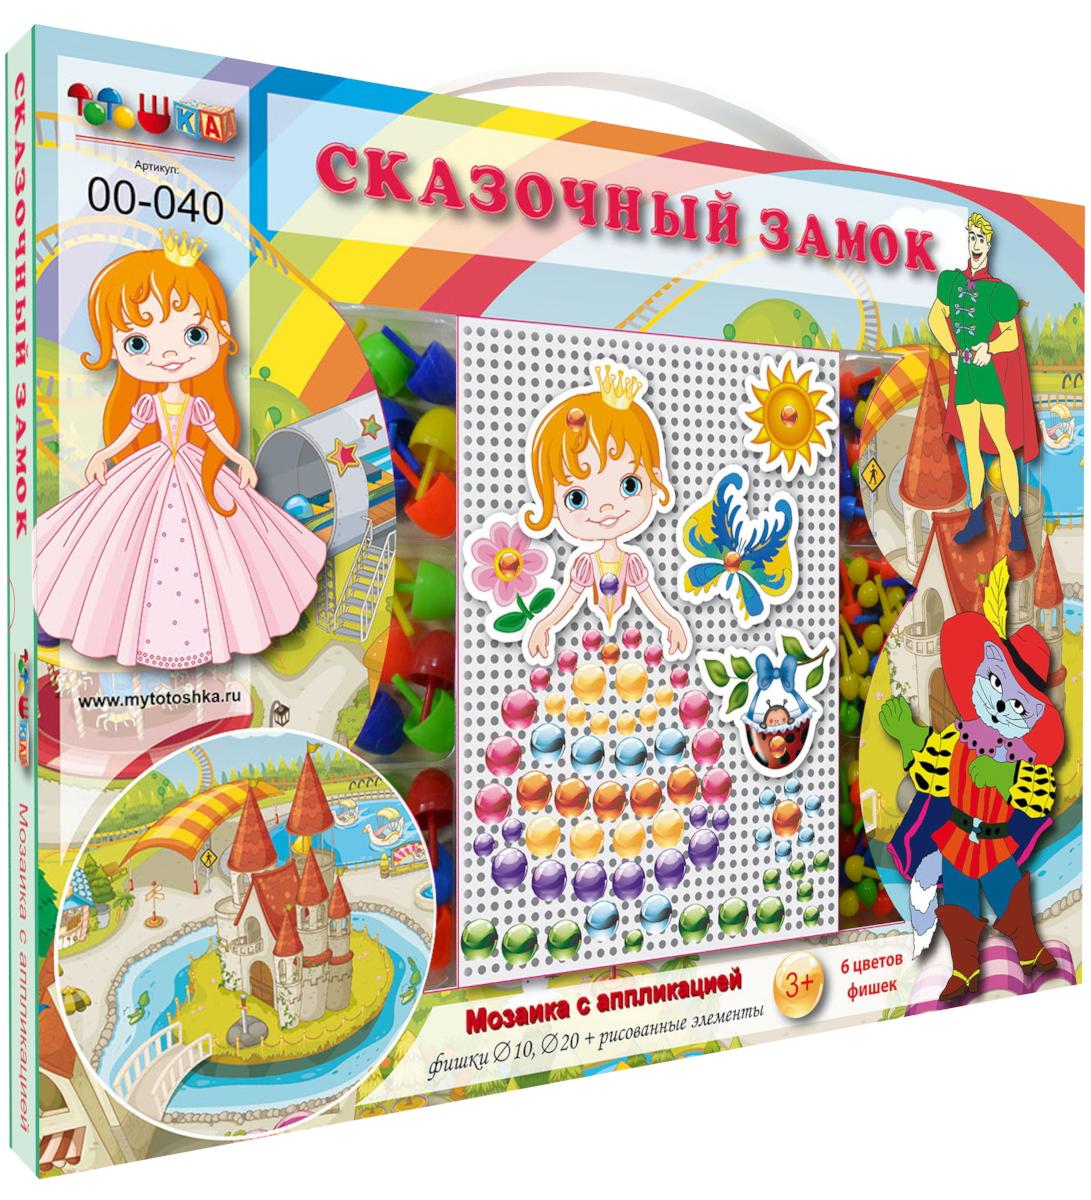 Тотошка Мозаика Сказочный замоктт00-040Мозаика – дает возможность вашему ребенку выложить яркую картинку. Играя в мозаику, ваш малыш разовьет мелкую моторику рук, фантазию, творческие навыки и логическое мышление. Все элементы игры изготовлены из, высококачественных материалов, абсолютно безопасных для здоровья ребенка.